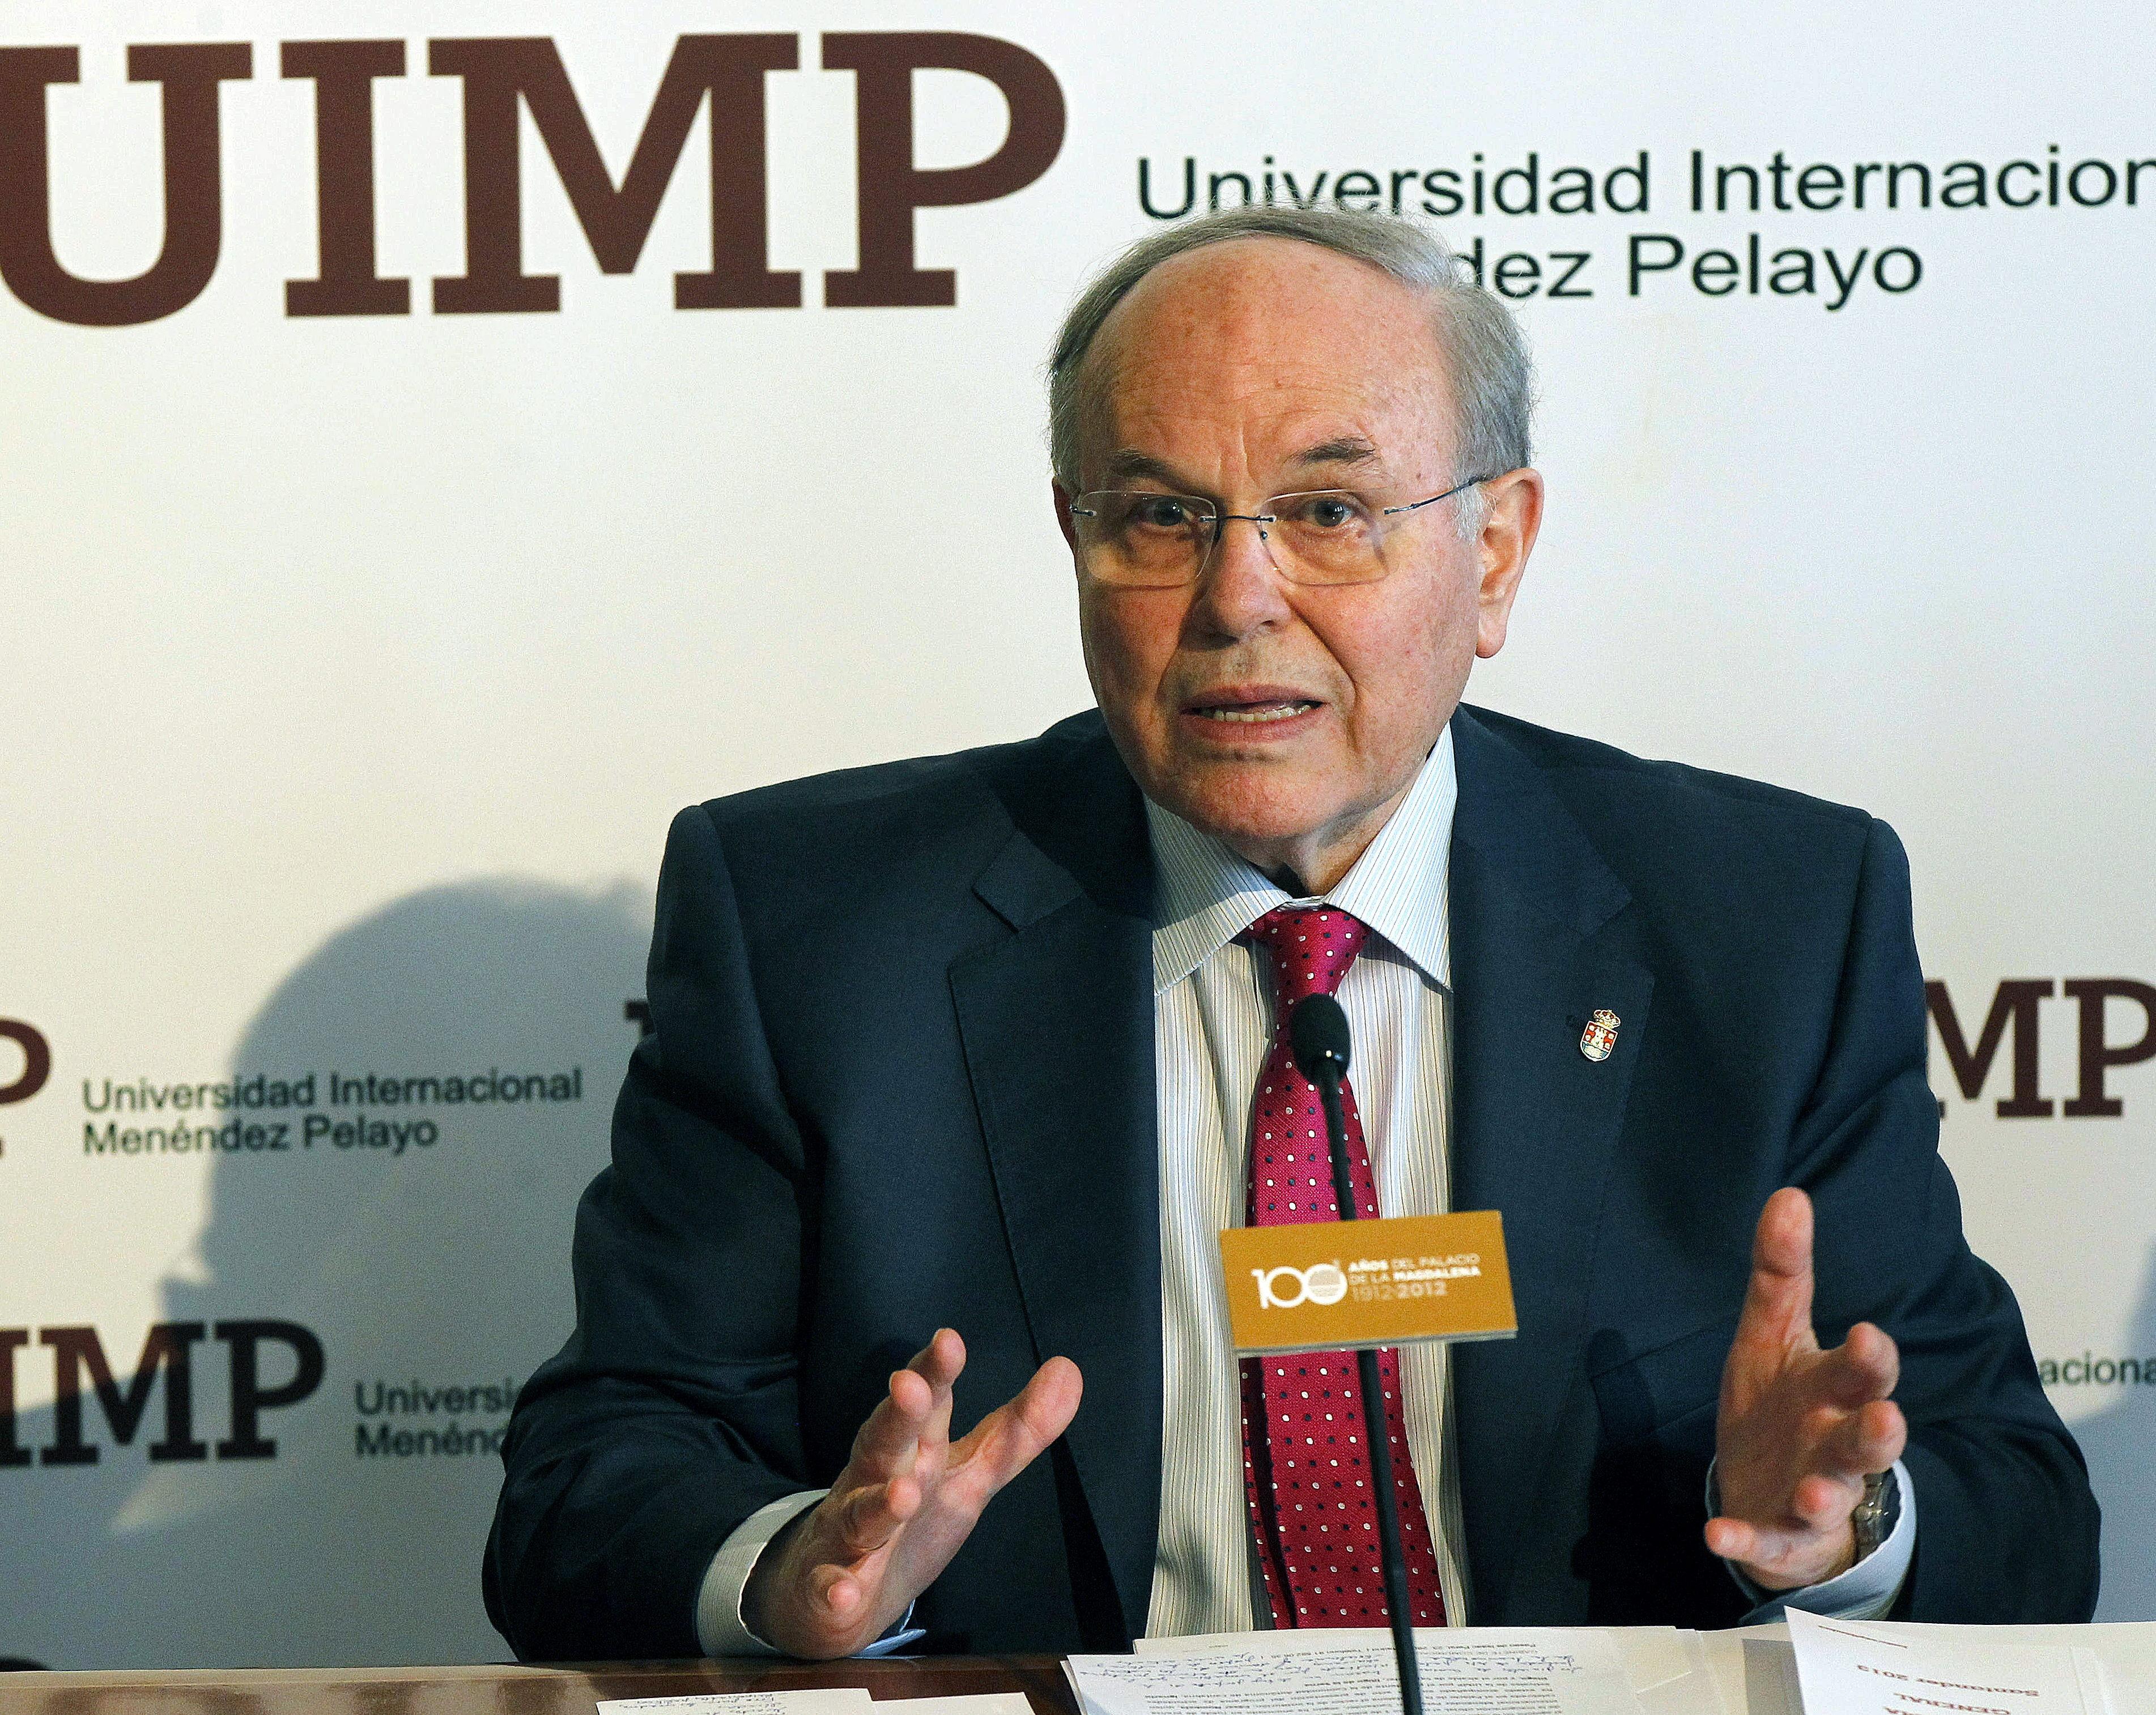 El hispanista Ciriaco Morón gana el XXVII Premio Internacional Menéndez Pelayo